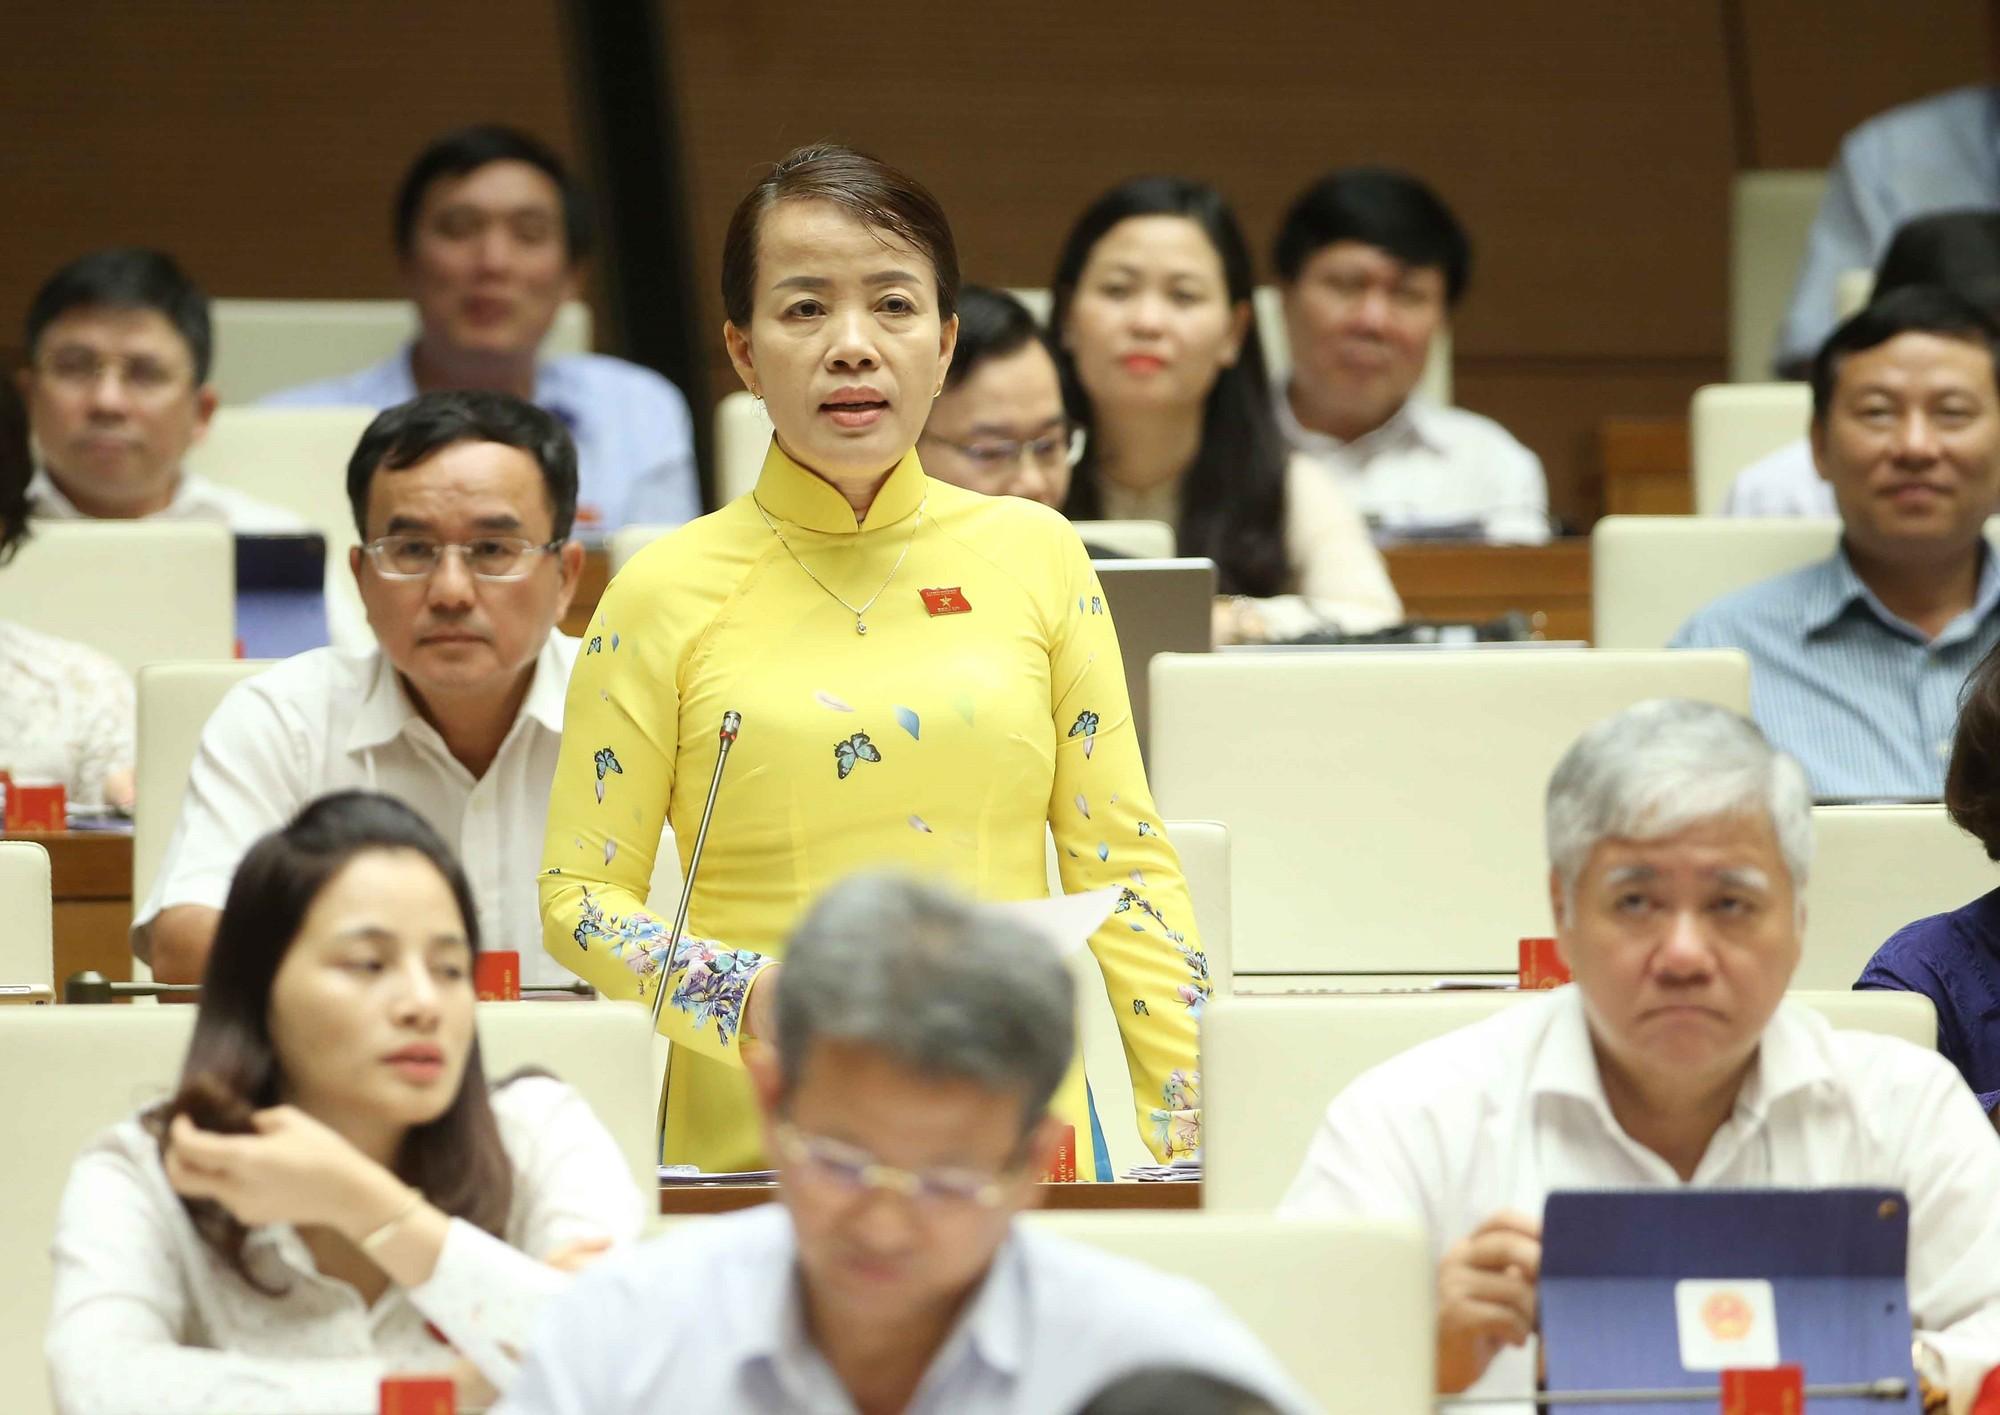 Bộ trưởng Tô Lâm:  Quản lý, đảm bảo trật tự về ATGT cũng chưa đáp ứng yêu cầu - Ảnh 2.